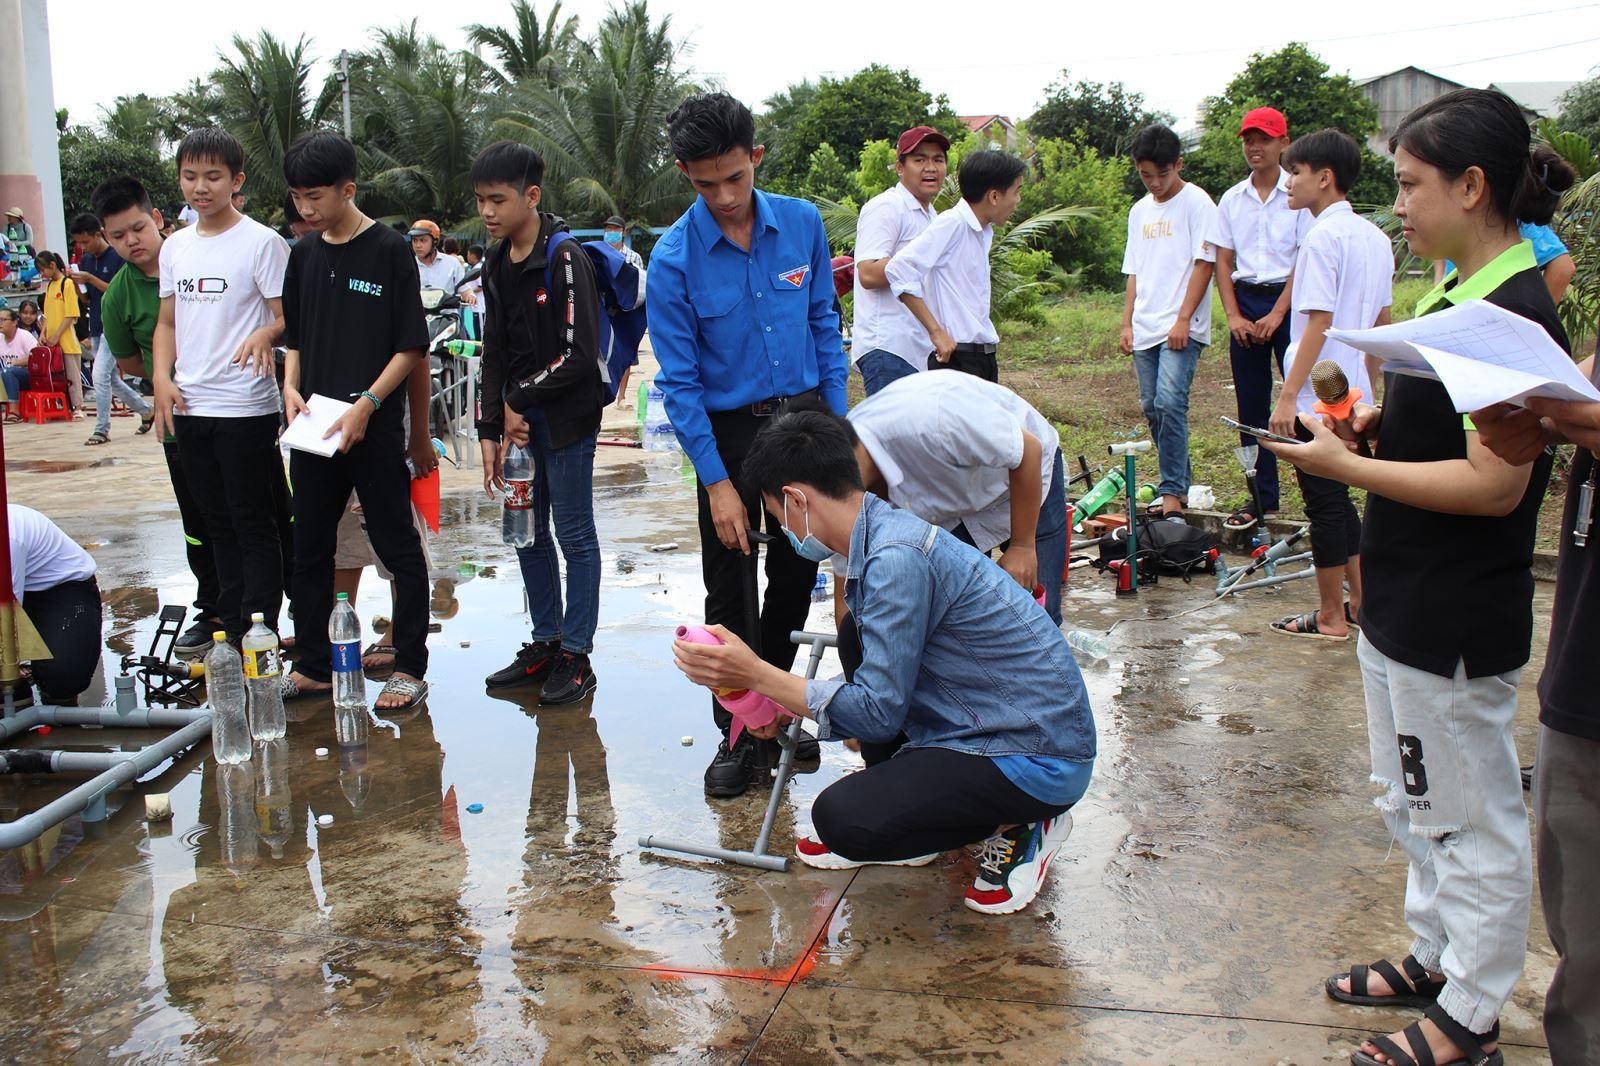 Sinh viên ngành Kỹ thuật xây dựng tham gia Hội thi và  ``Ngày hội sáng tạo tên lửa nước và robocon``